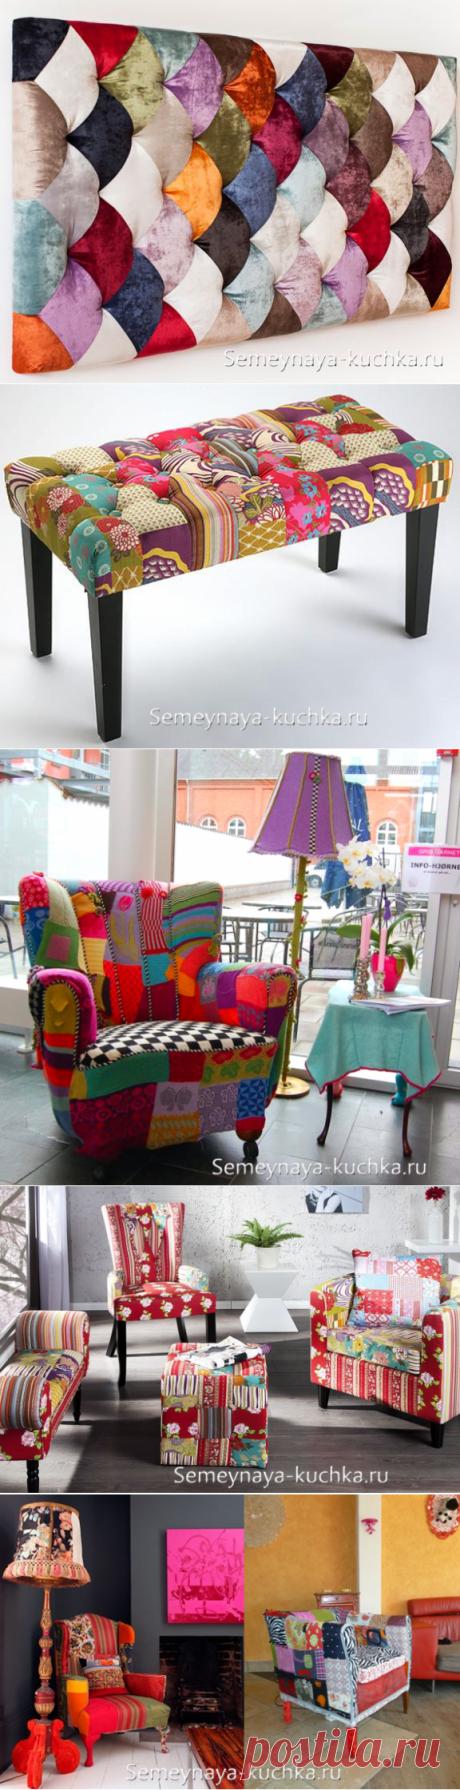 Как ОБНОВИТЬ диван и кресло — в ЛОСКУТНОМ стиле пэчворк | Семейная Кучка